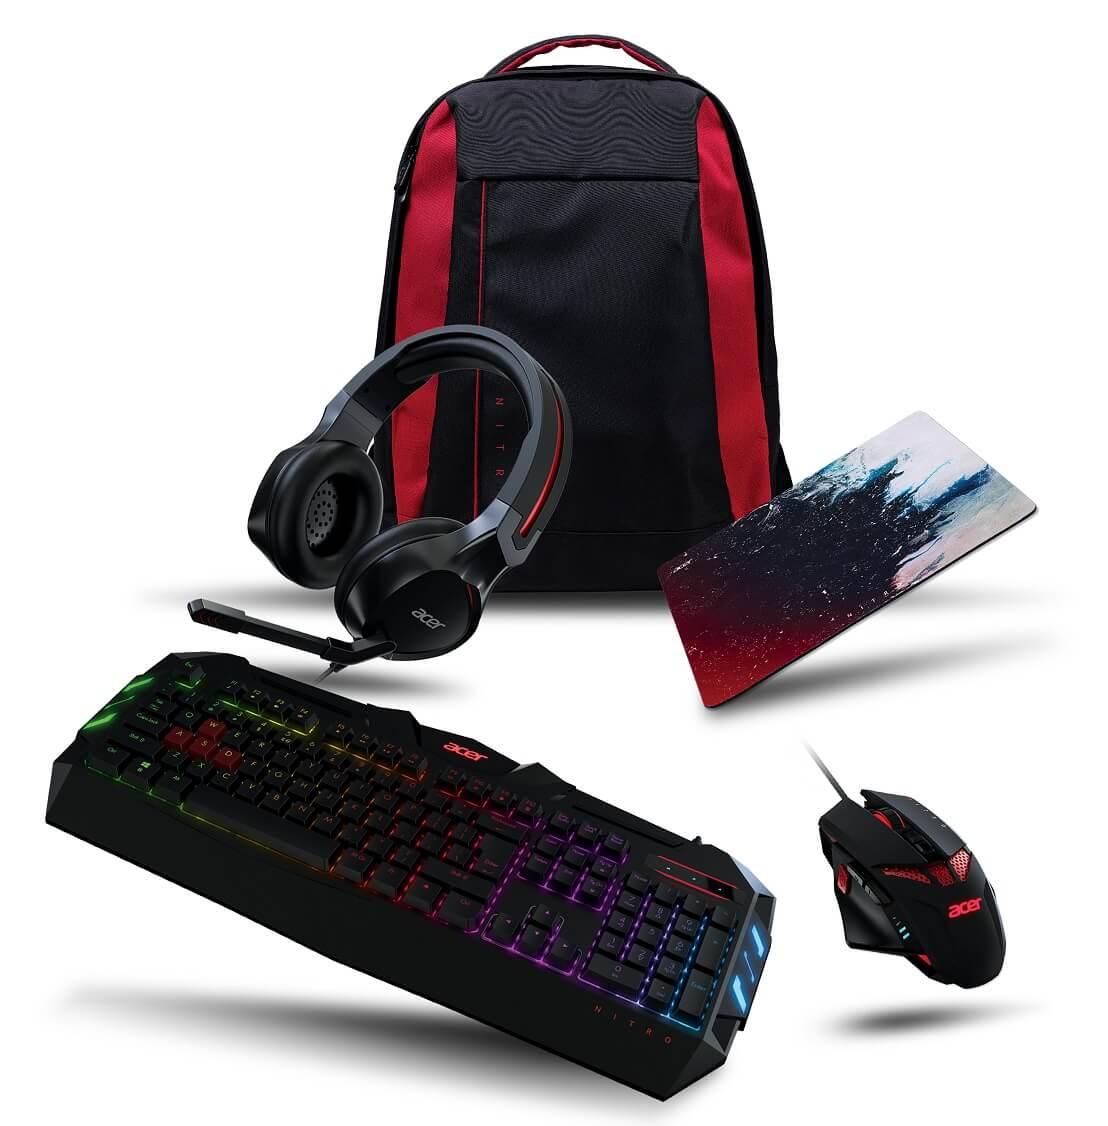 Nitro Gadgets 1 1 - Acer anuncia novo headset OJO 500 e monitores das linhas Predator e Nitro